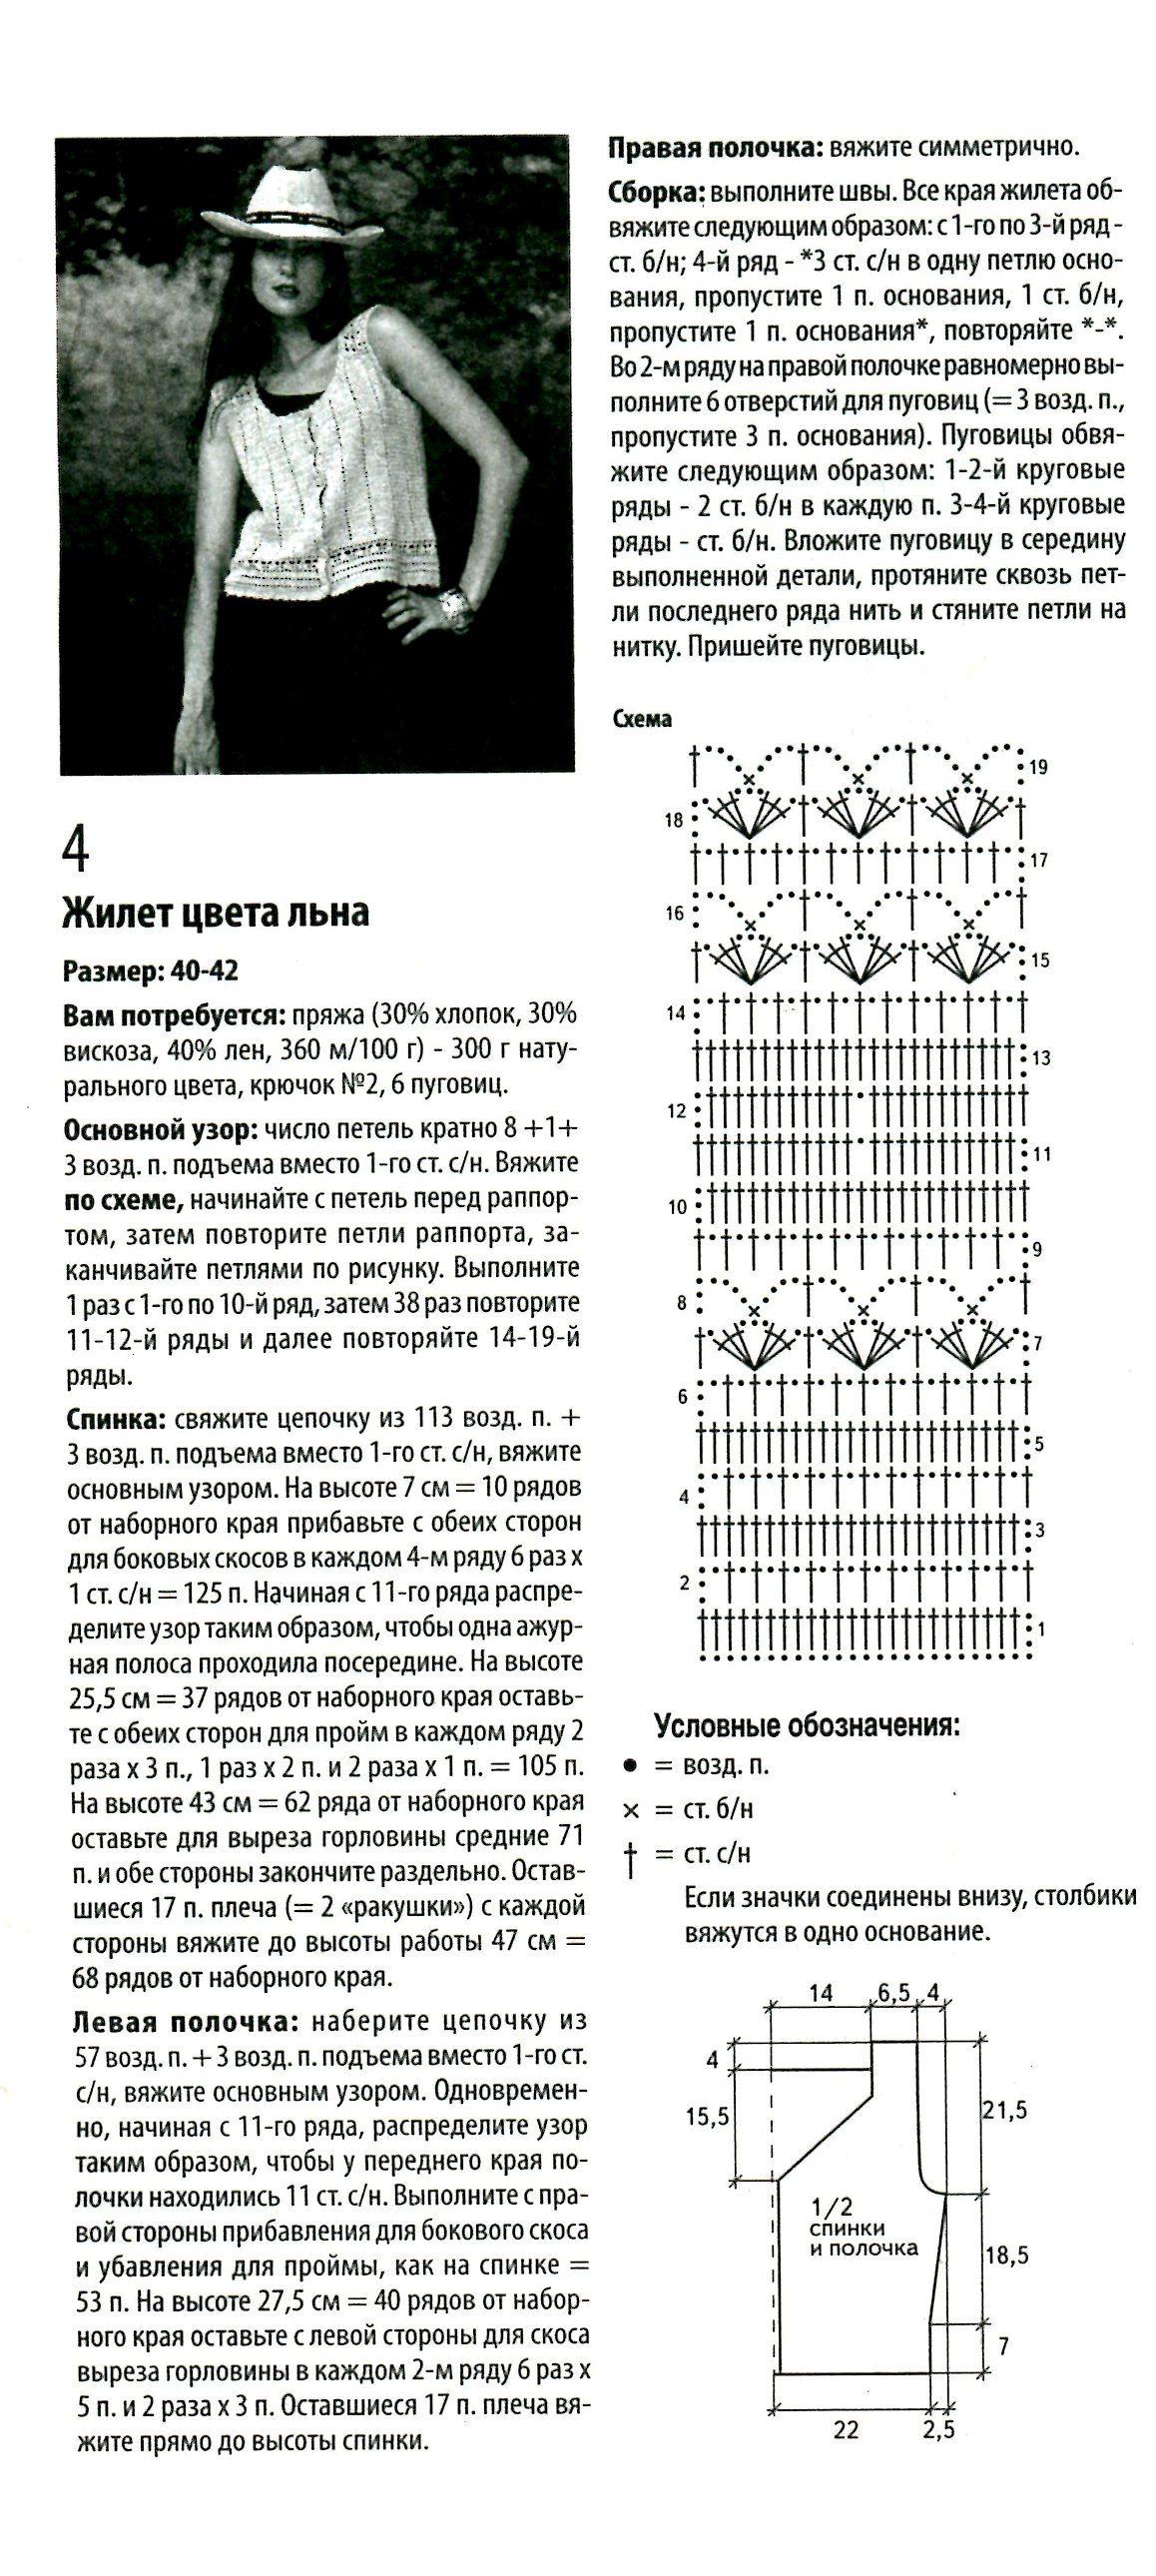 Вяж.крюч.8.13 (6)a